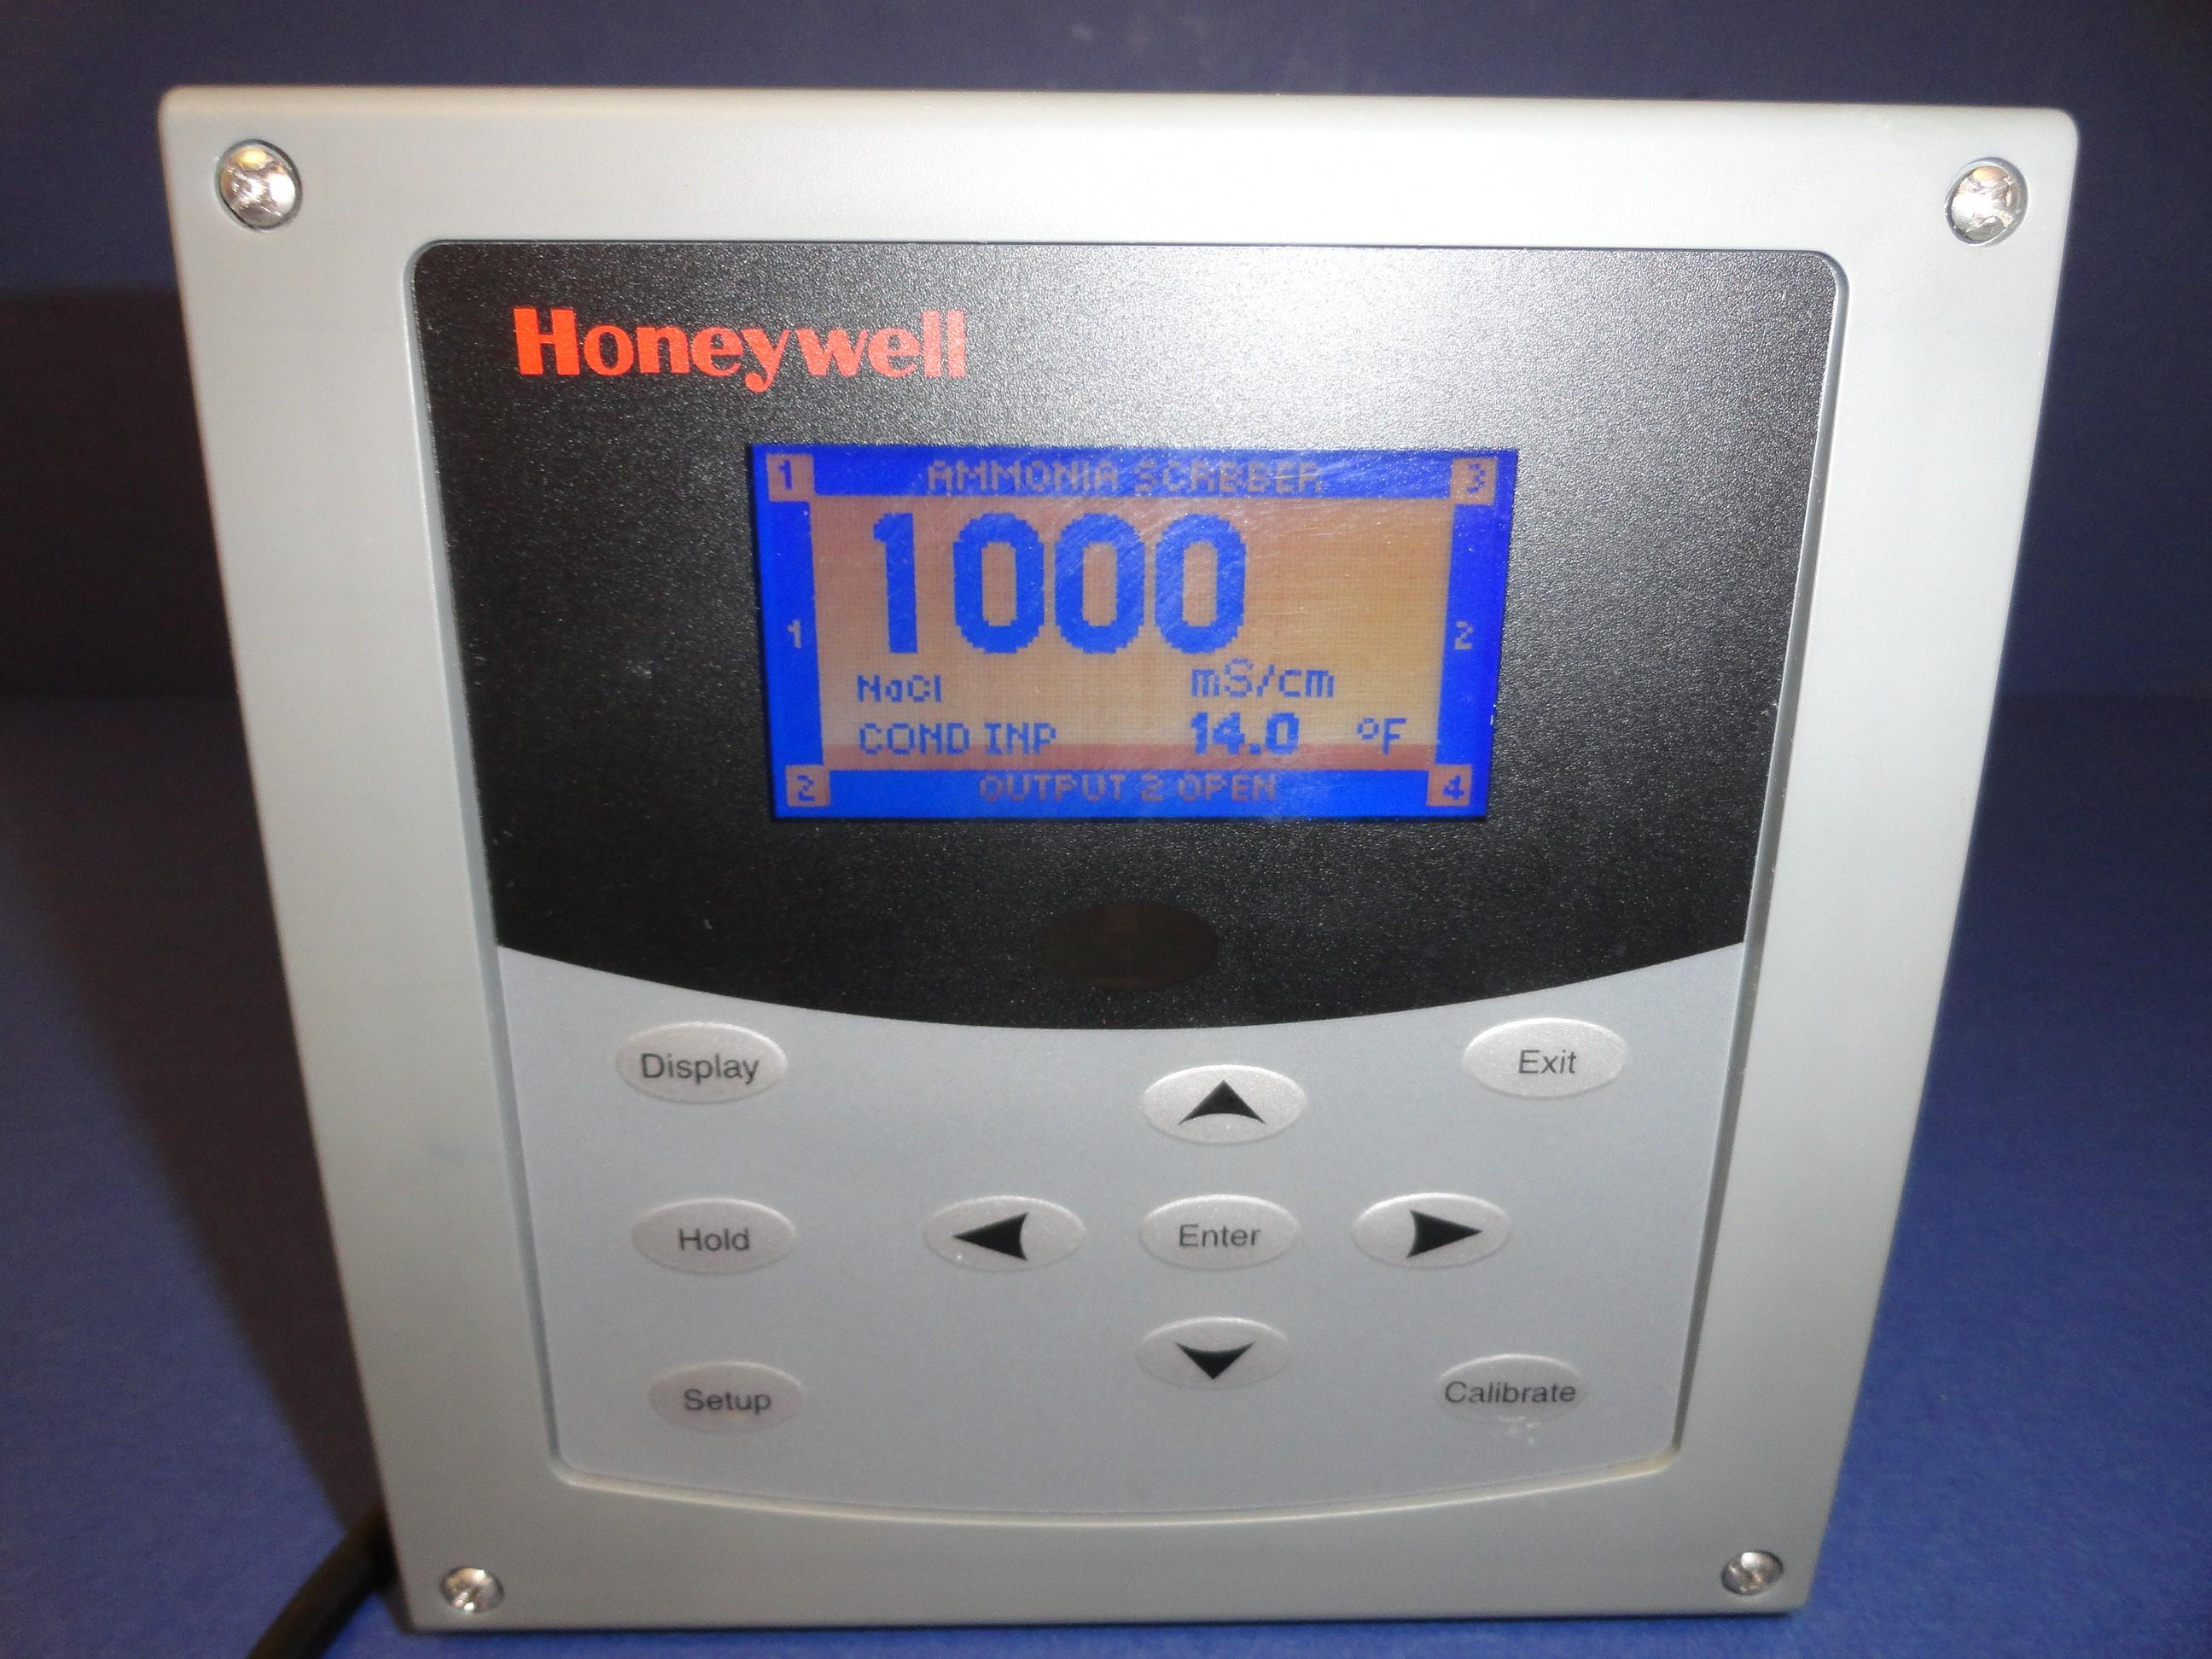 现货活动促销霍尼韦尔honeywell PH变送器UDA2182-PH1-NN2-NN-N-0000-EE